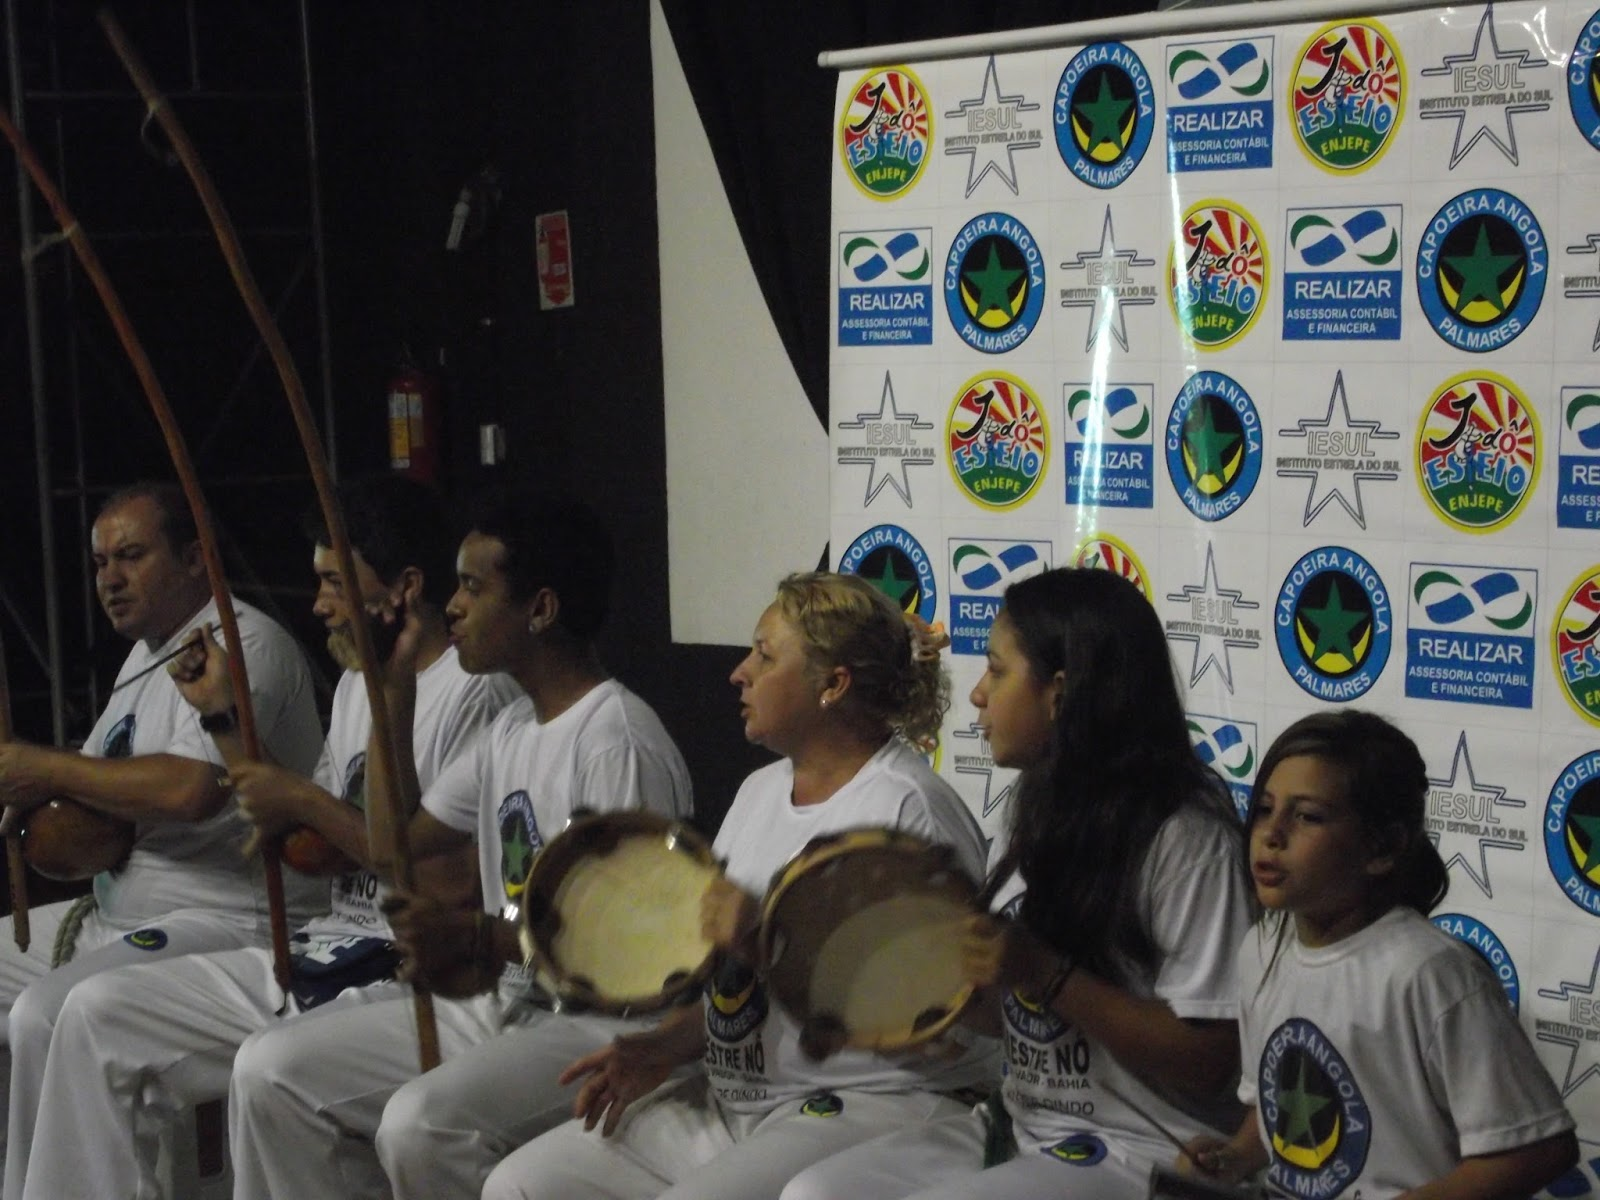 www.judoesteio.com.br